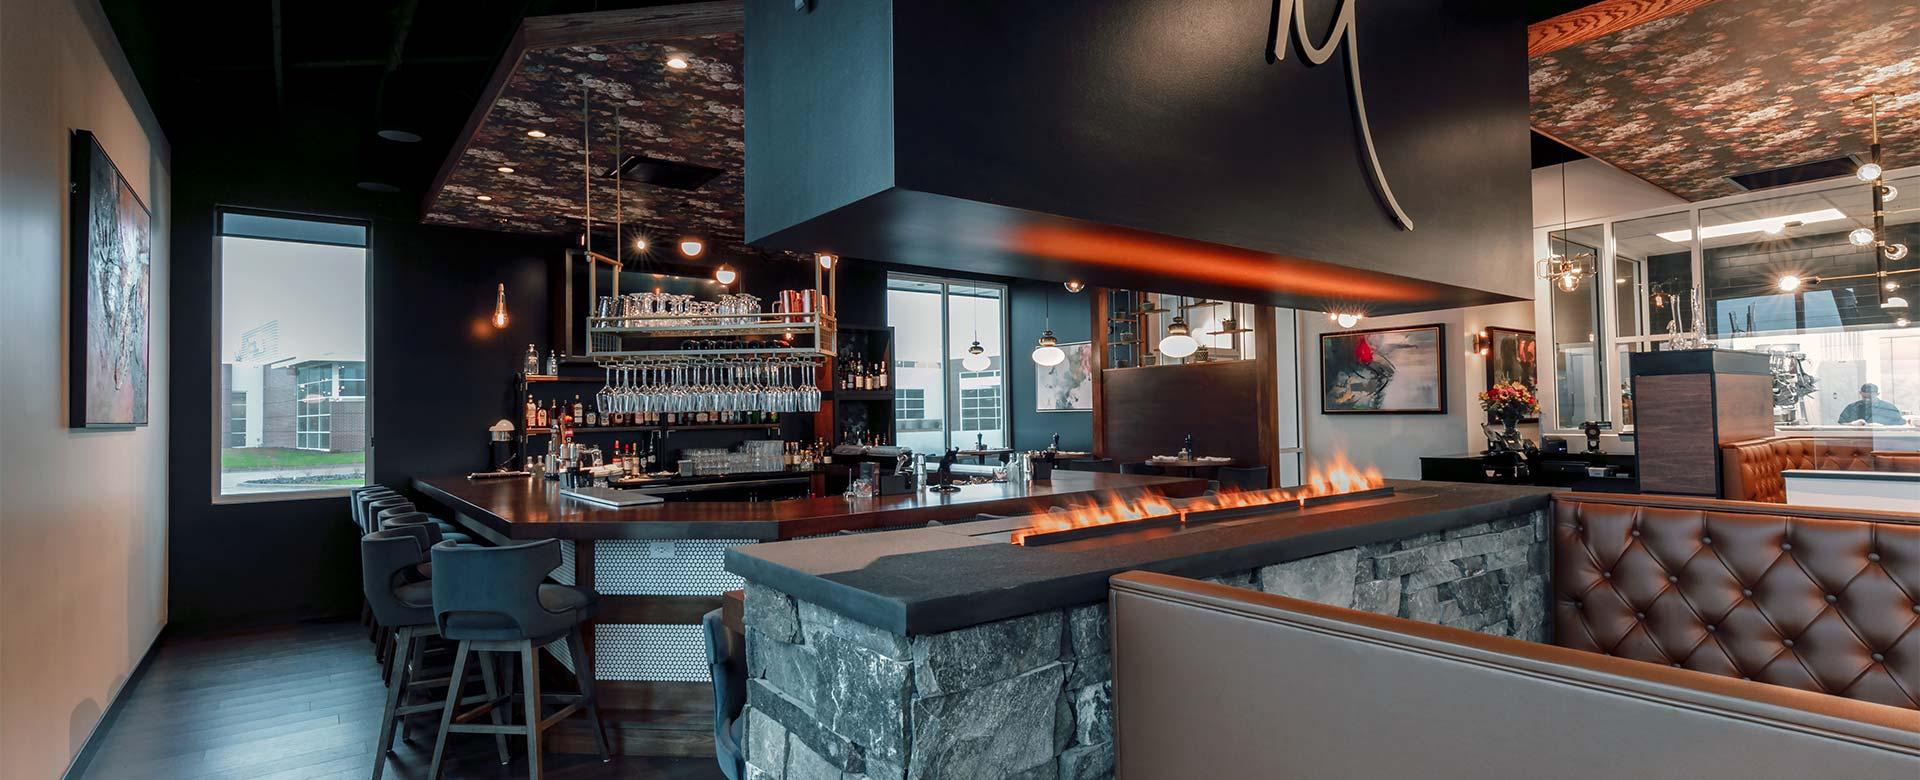 Monarch Kitchen + Bar